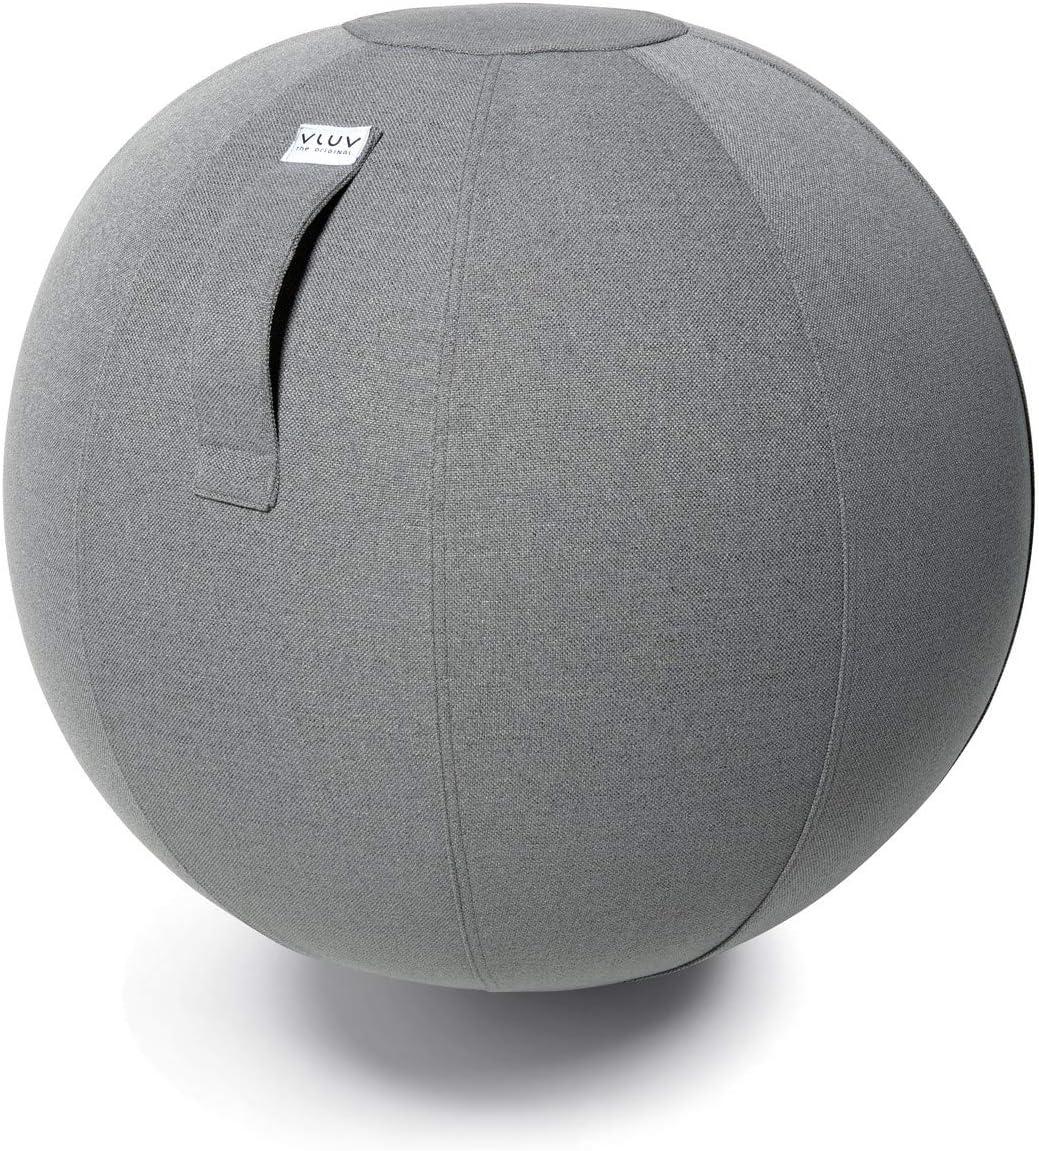 Photo de ballon-design-vluv-pour-le-home-office-ou-au-bureau